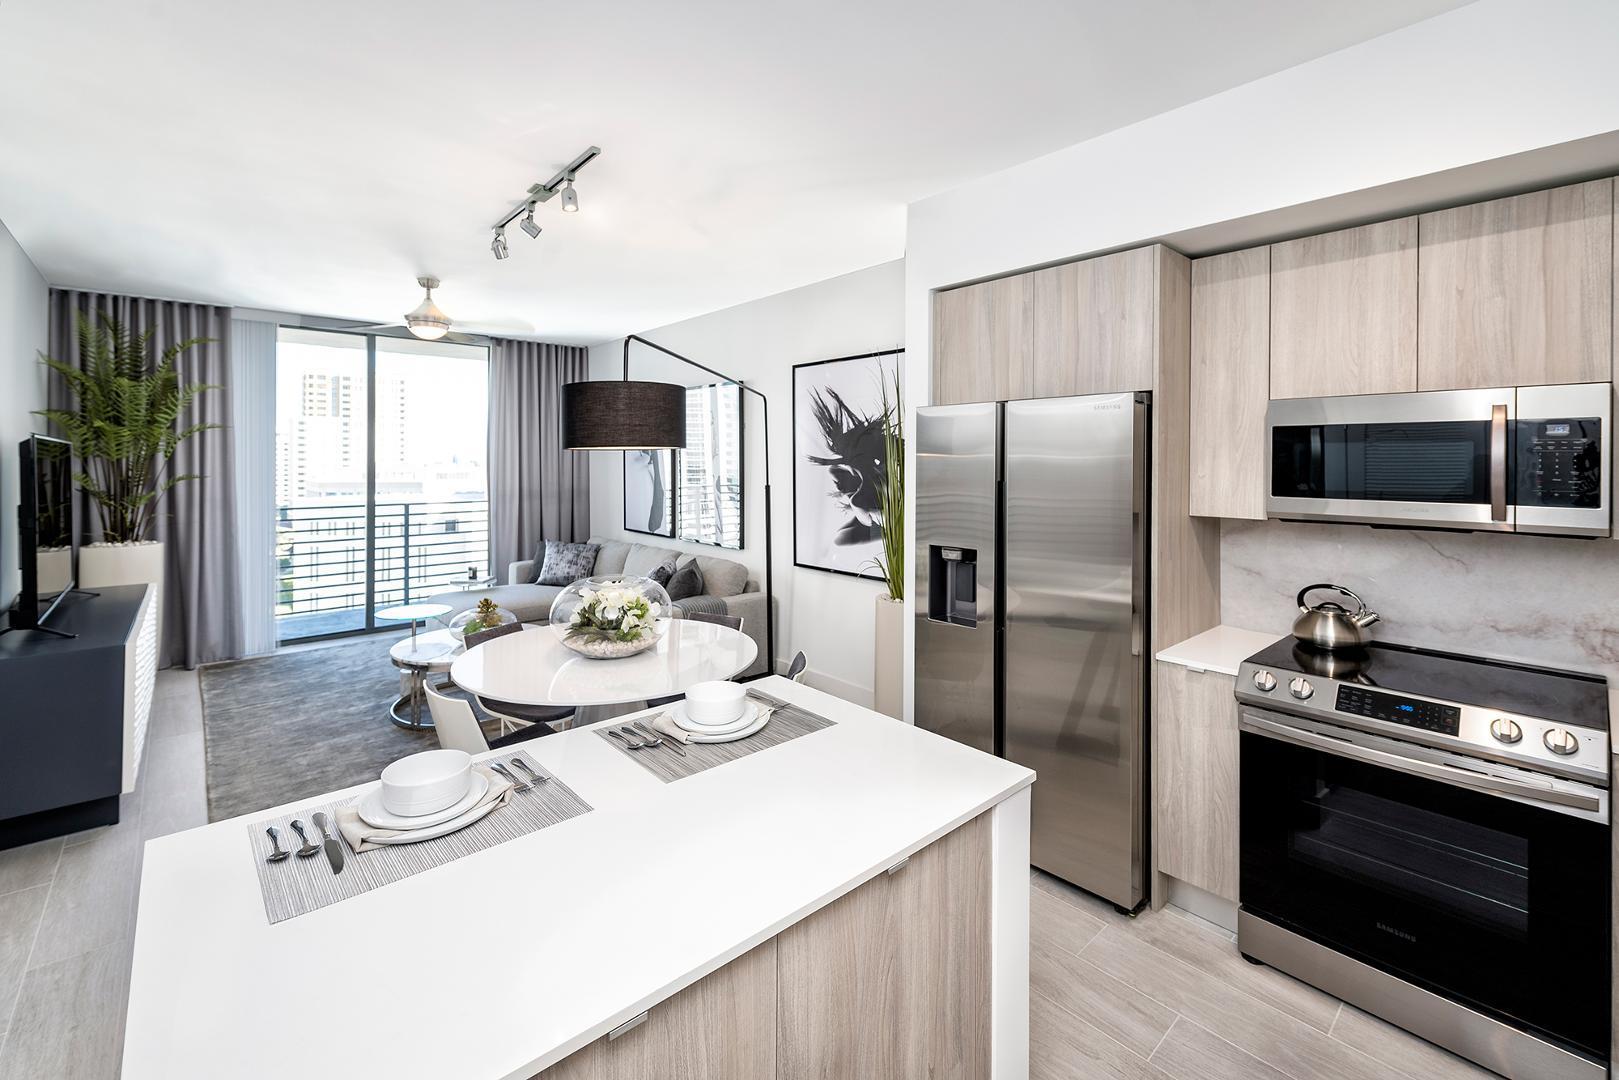 416 SW 1st Avenue #311, Fort Lauderdale, FL - $2,507 USD/ month